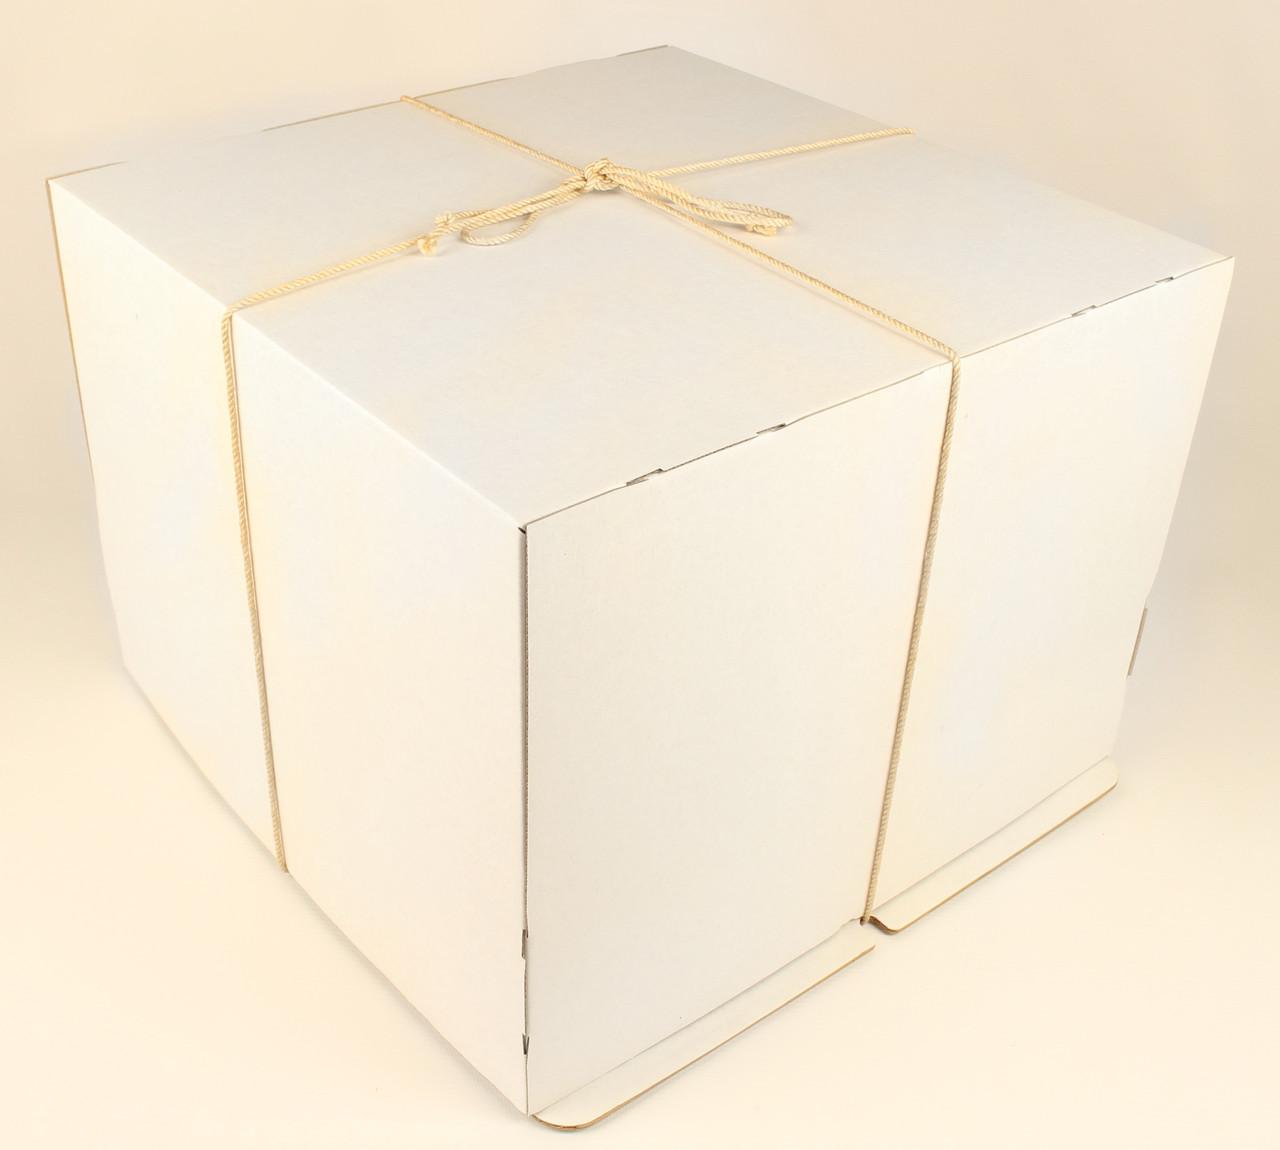 Коробка ГОФР / 460х460х475 мм / ГОФР-Белая / б.о. / для торт